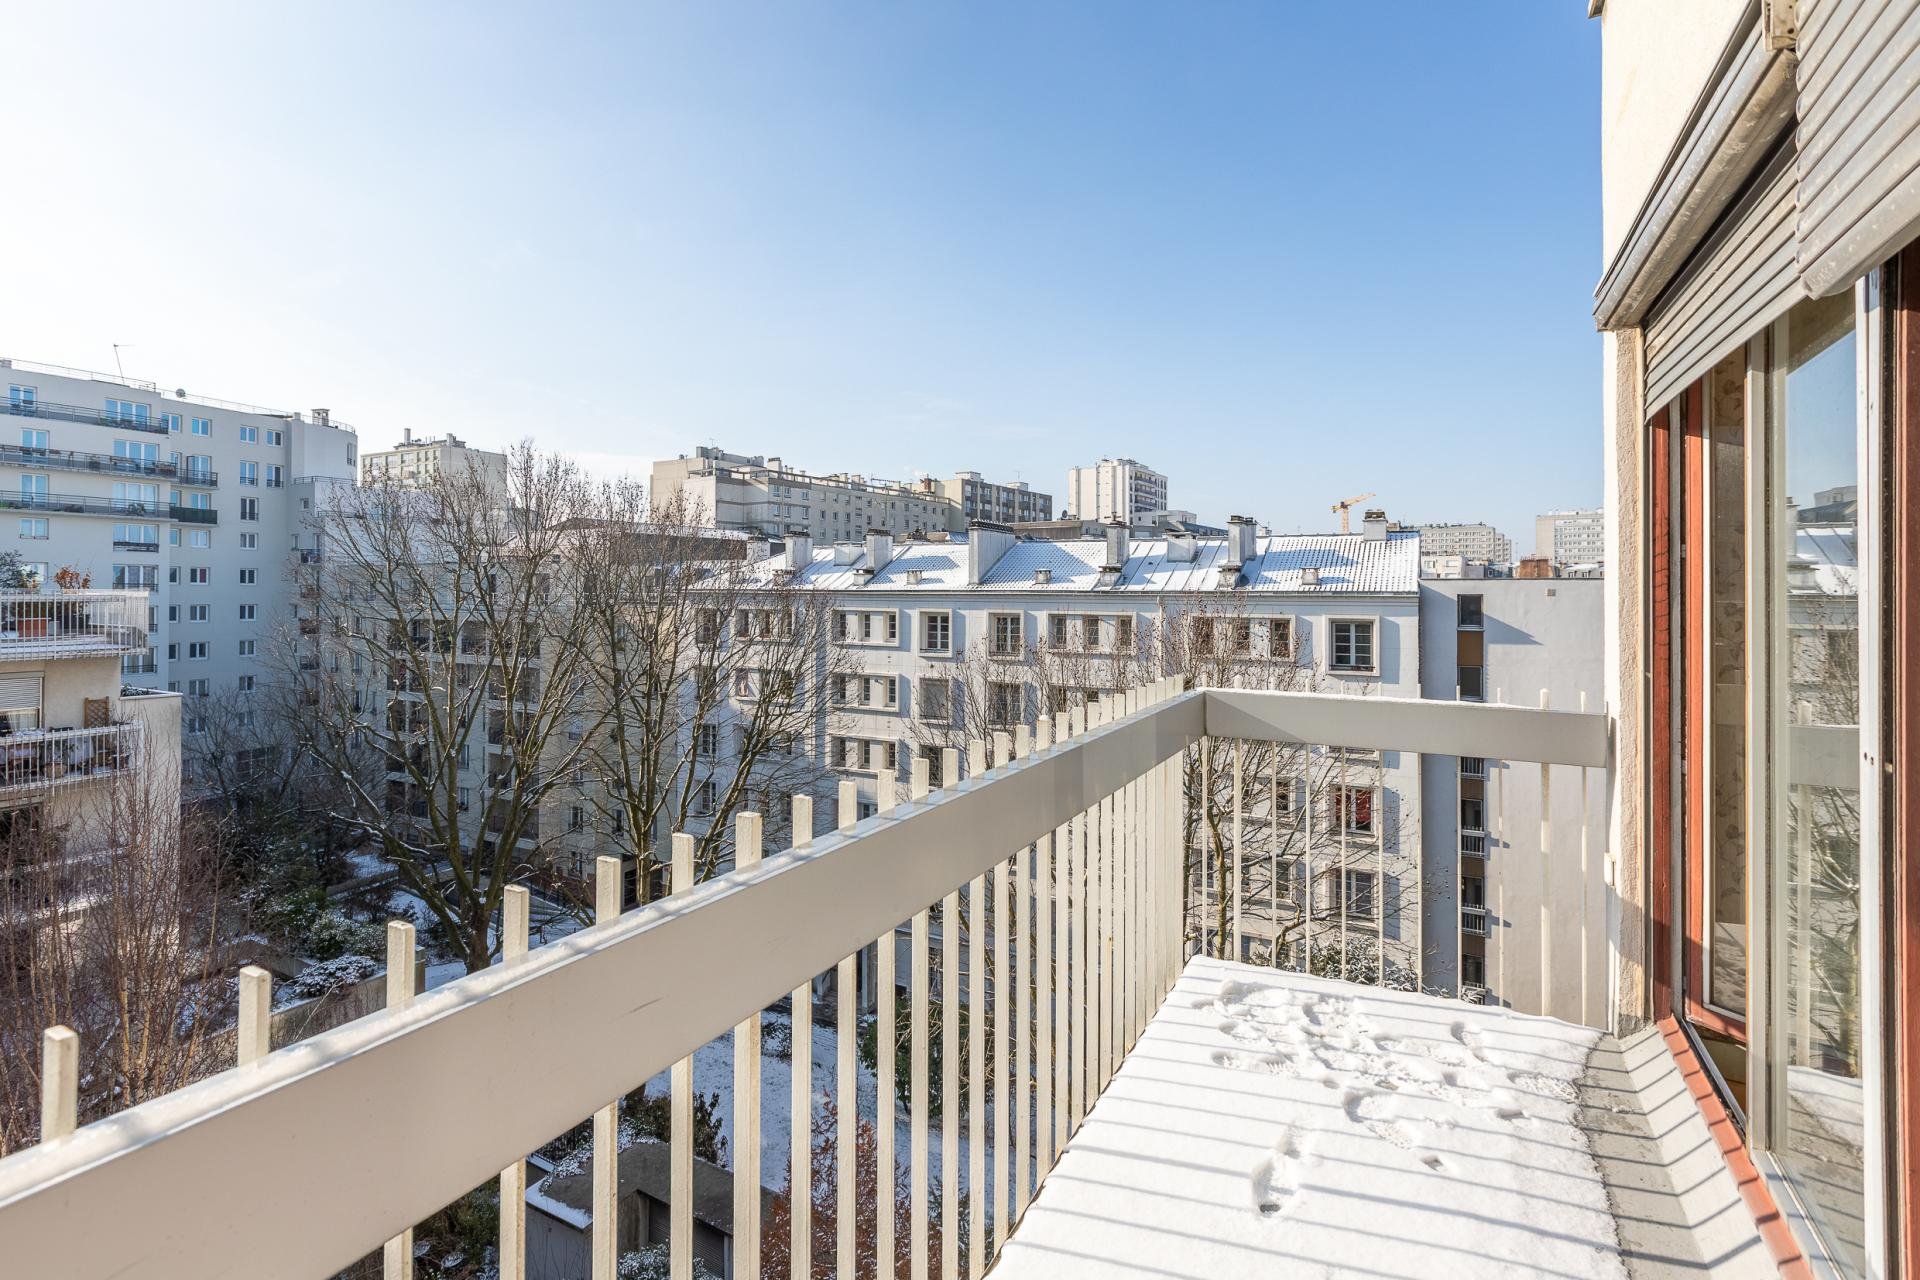 PARIS 19EME - RUE HAXO / RUE DE ROMAINVILLE - CHARMANT APPARTEMENT TROIS PIECES - 7EME ETAGE - BALCON - CAVE - PARKING